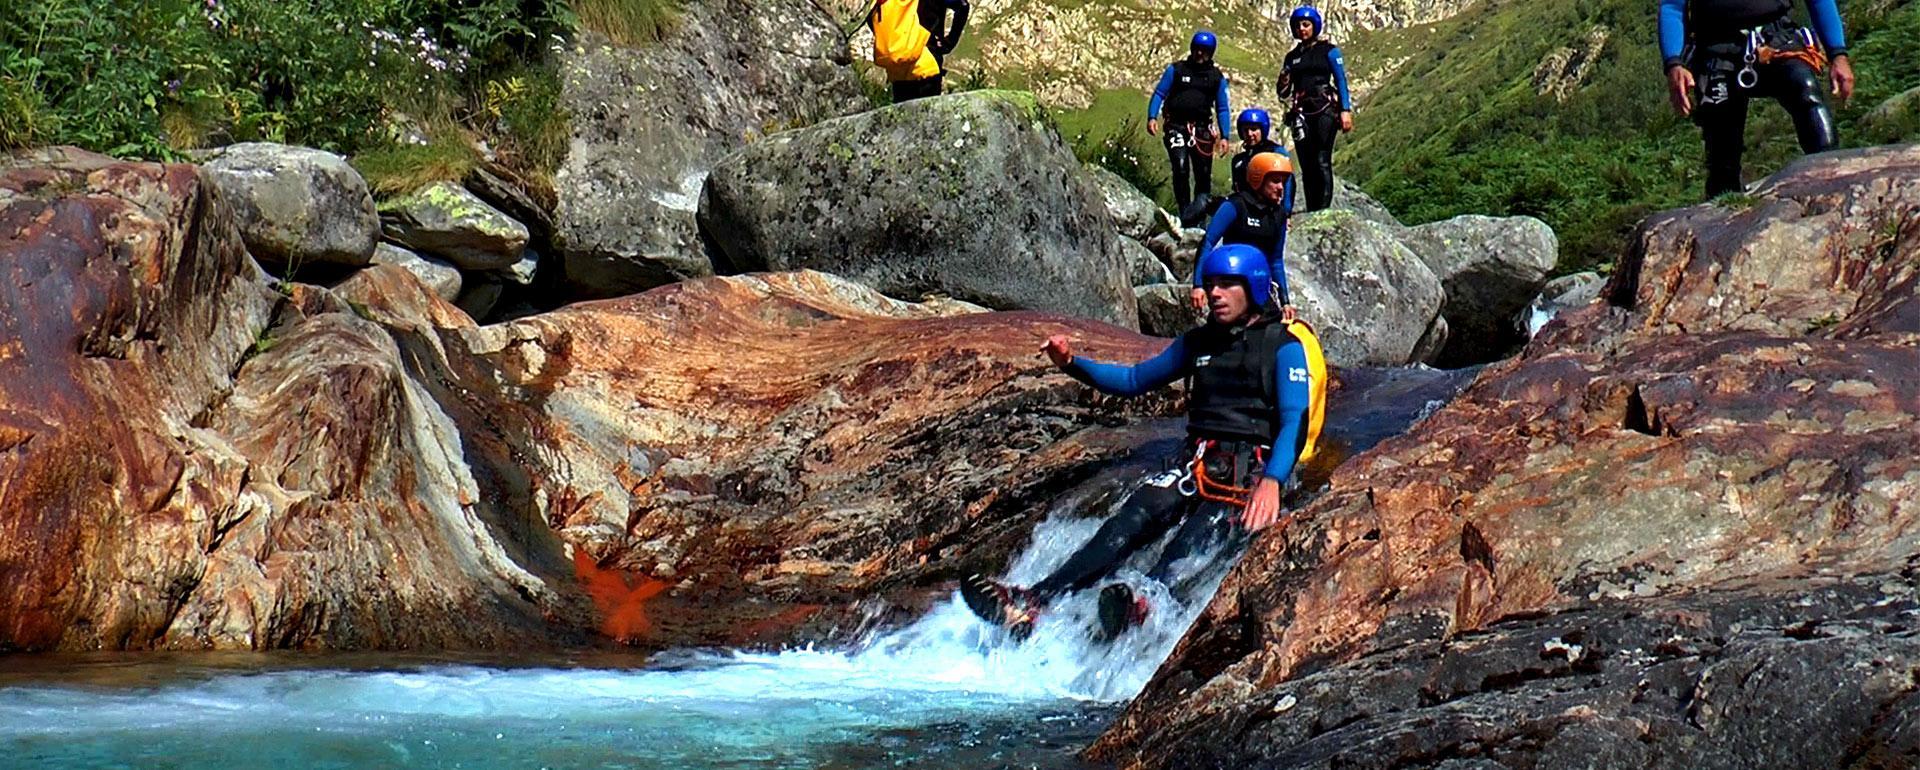 Le canyon de Marc en Ariège